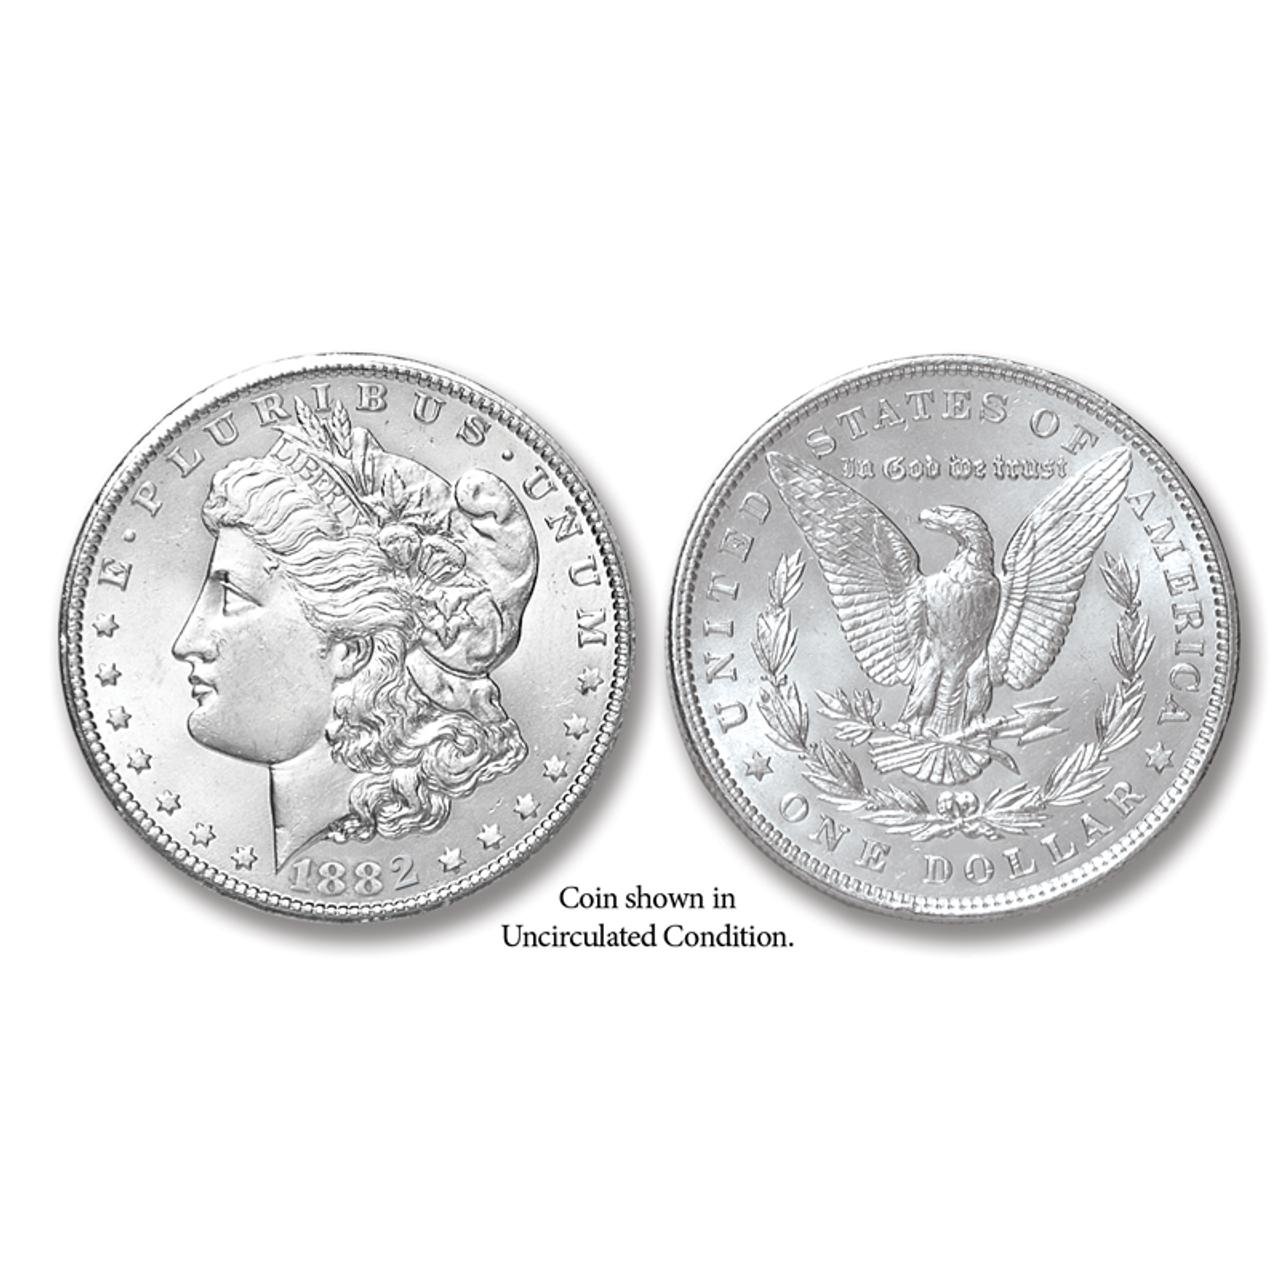 1882-P Morgan Silver Dollar - Collector's Circulated Condition